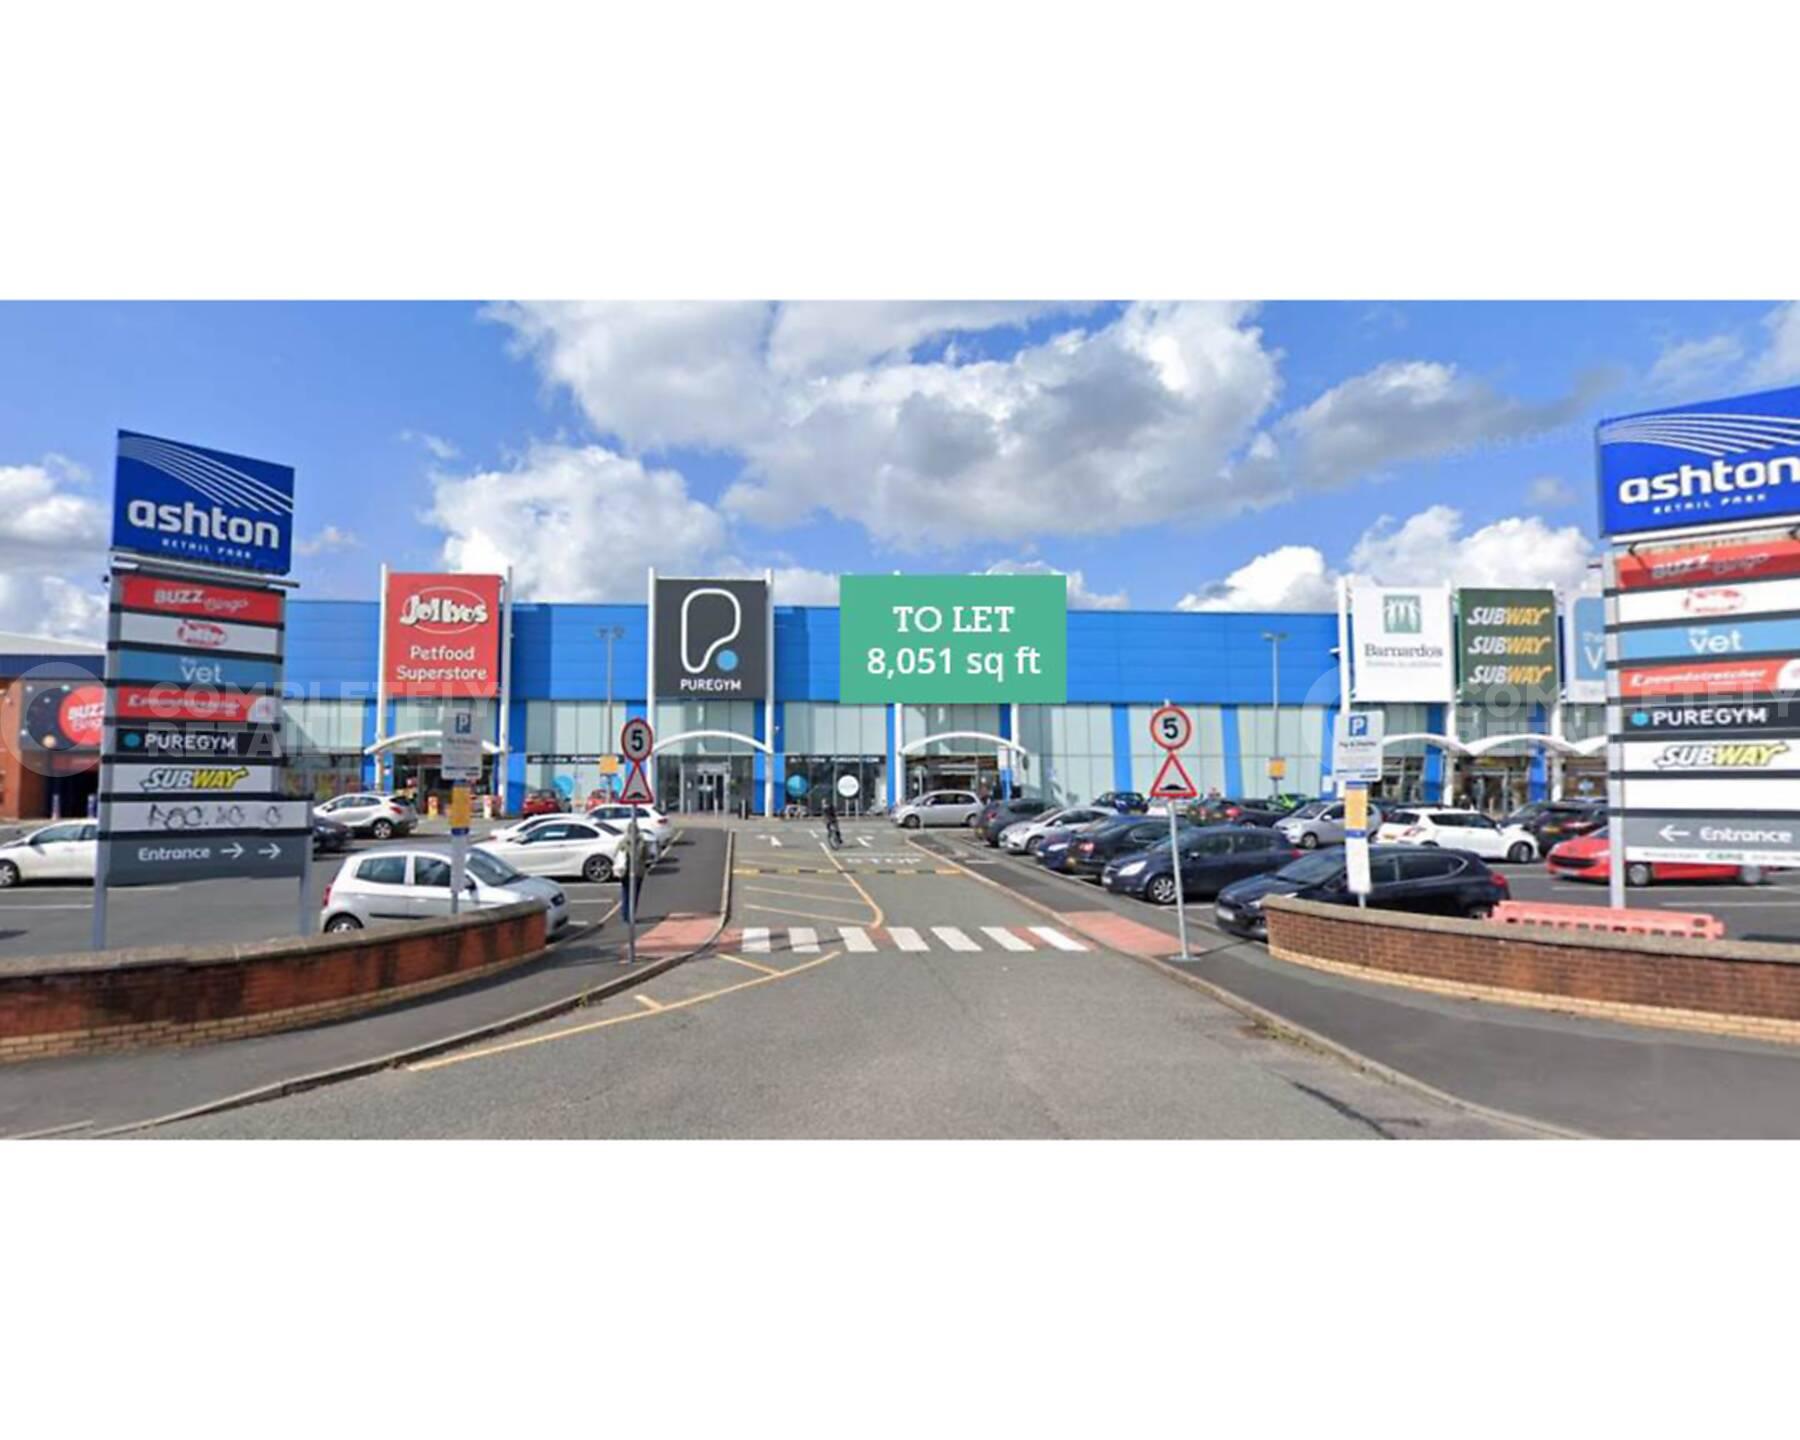 Ashton Retail Park